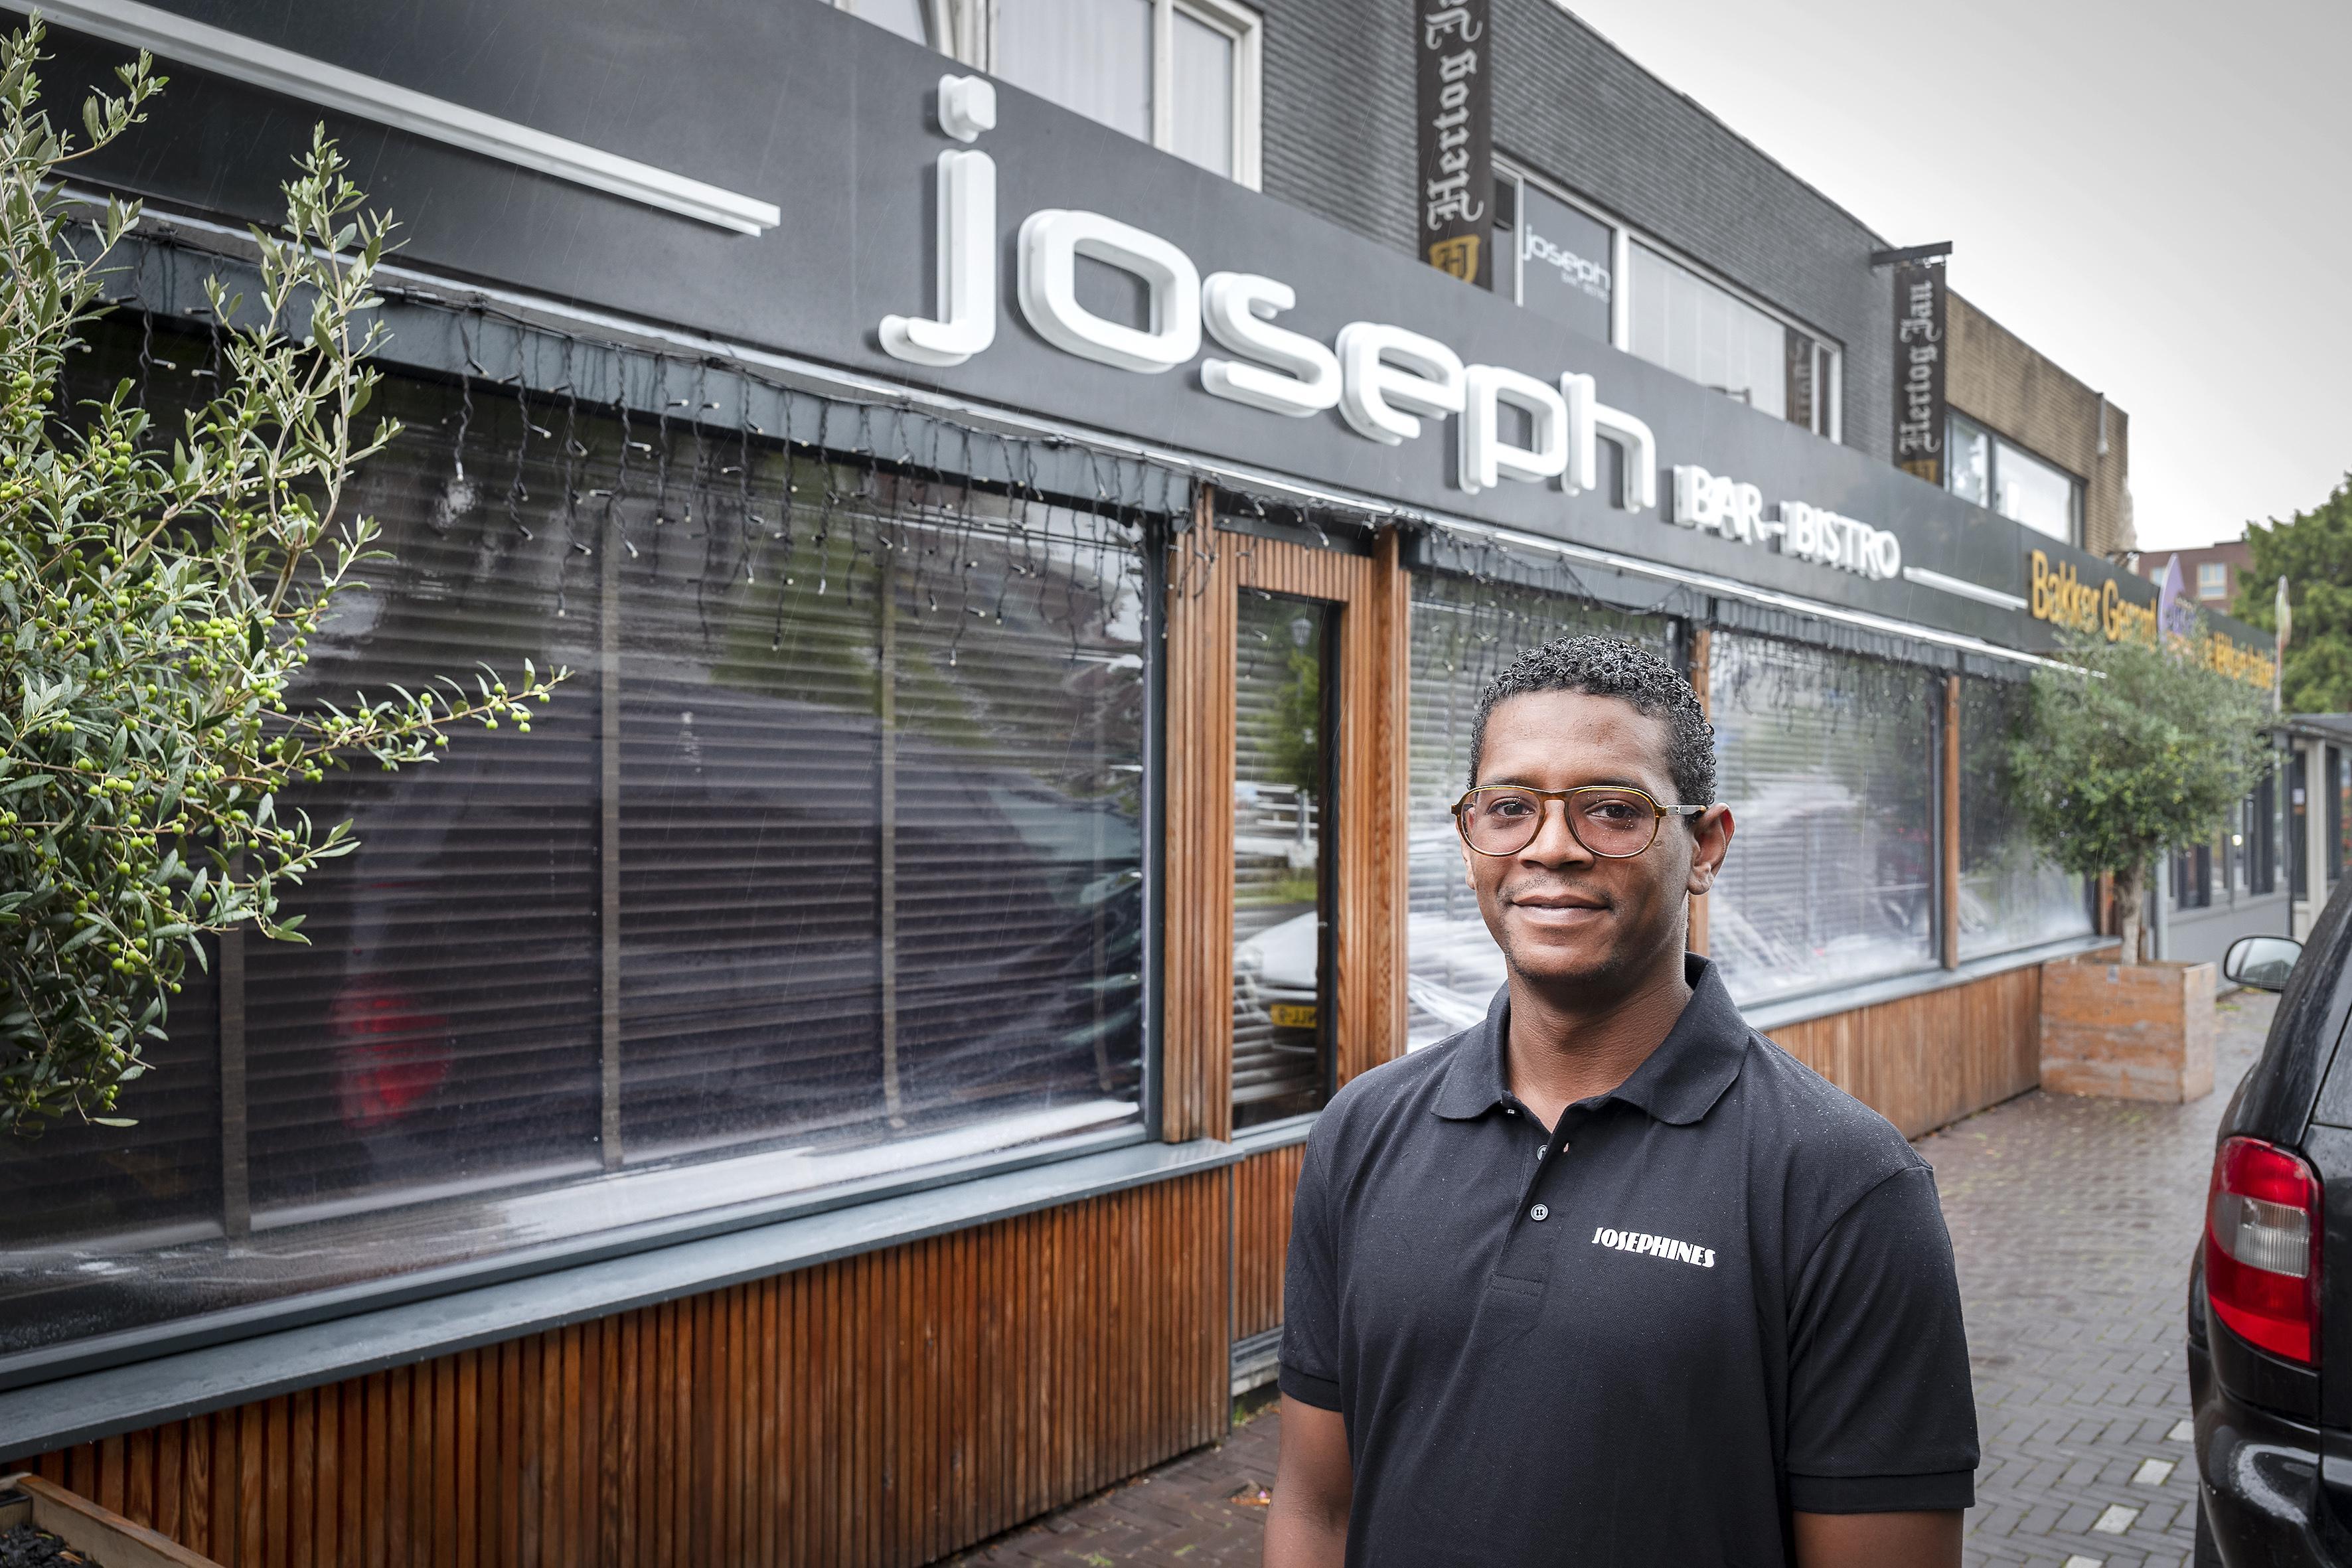 Gedwongen sluiting krijgt bar en restaurant in Hoofddorp niet klein: 'We komen sterker terug'